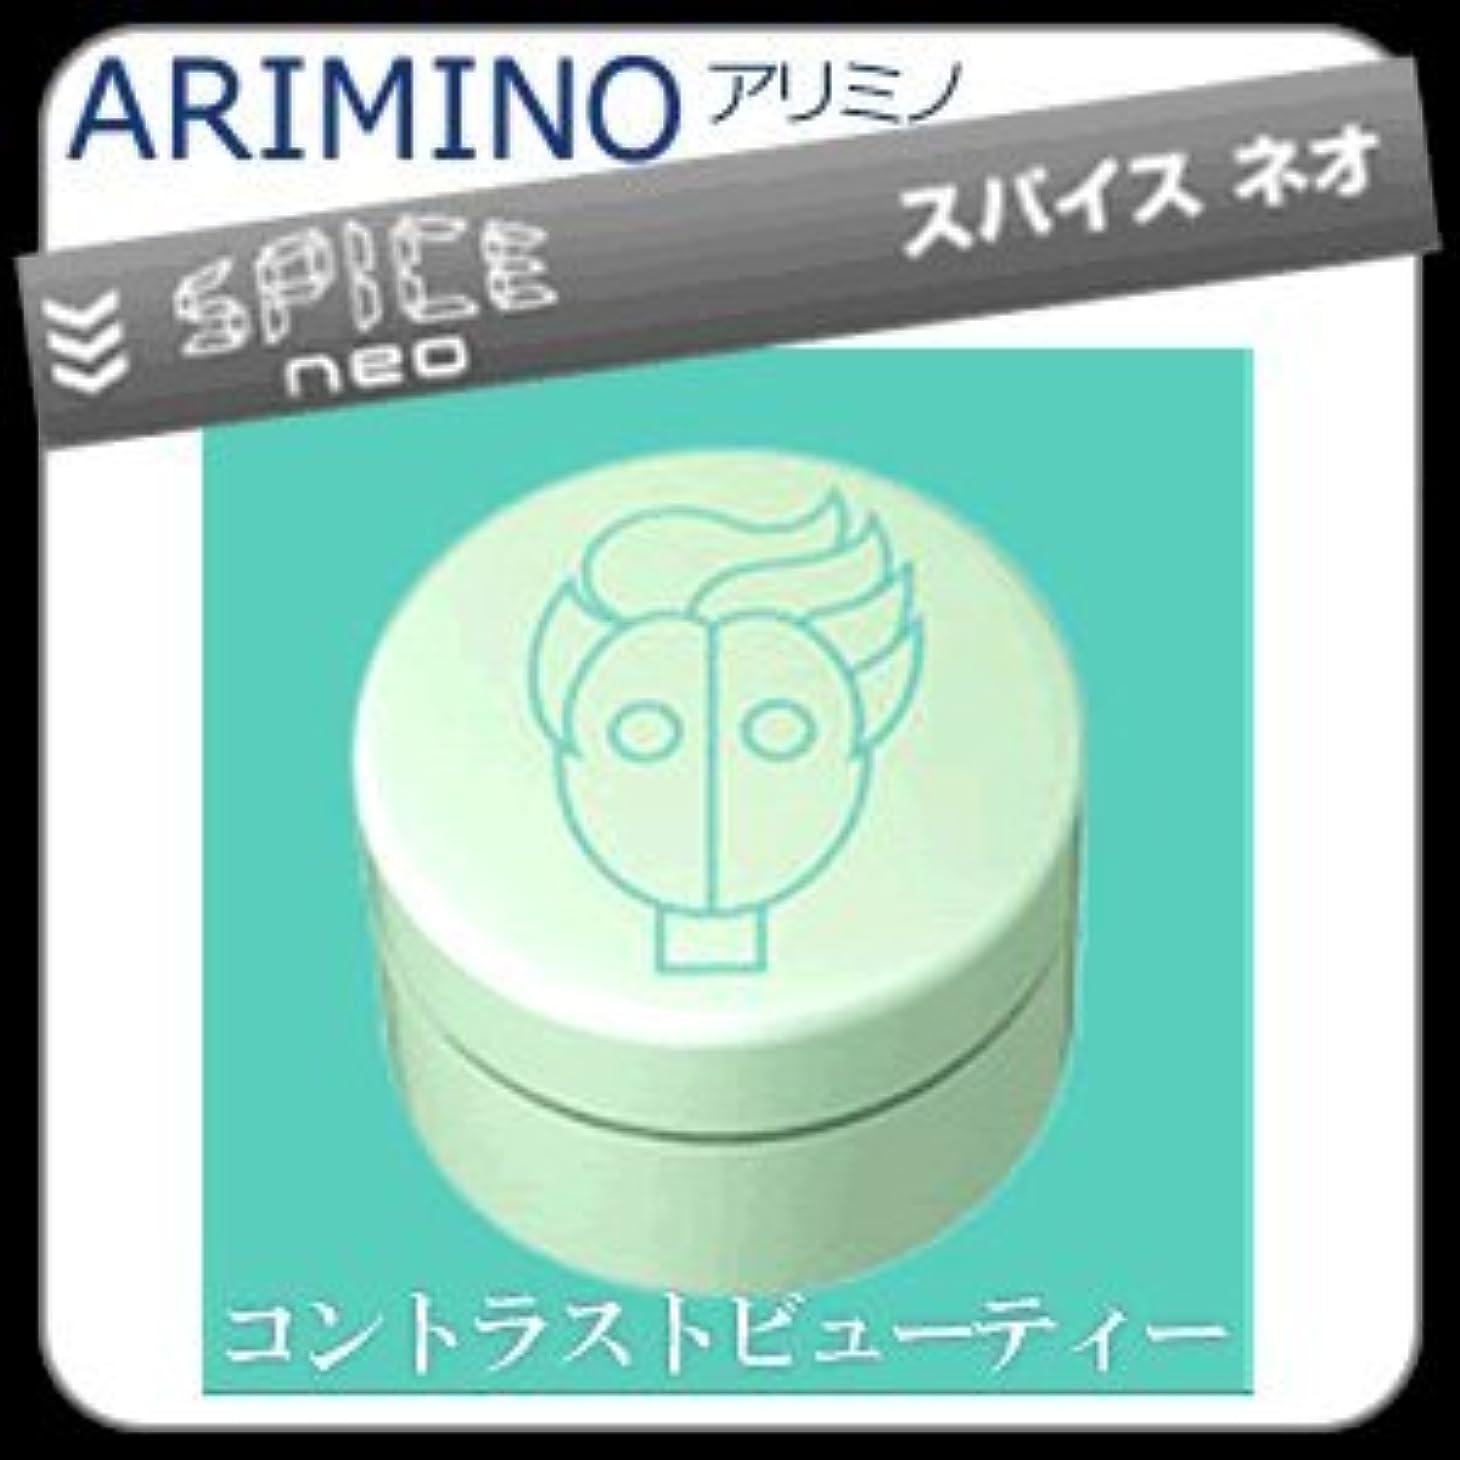 舞い上がる年次行進【X5個セット】 アリミノ スパイスネオ GREASE-WAX グリースワックス 100g ARIMINO SPICE neo